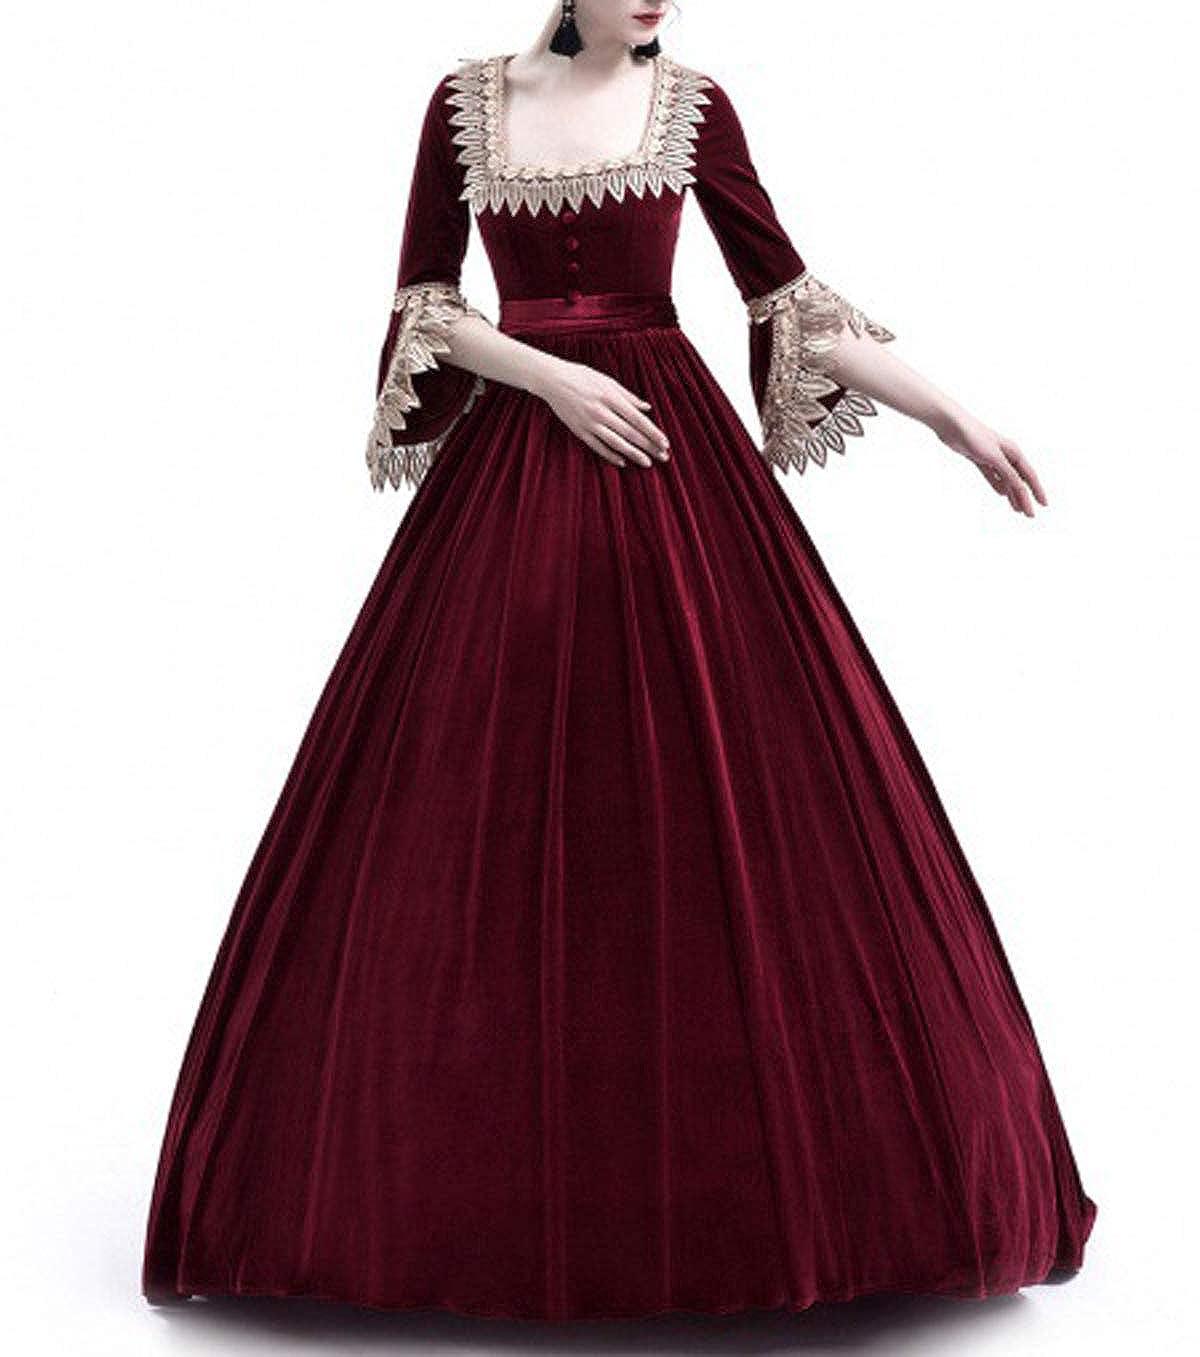 Primavera y Otoño Medieval Renacimiento Disfraz de Reina Elegante Vintage Cuello Cuadrado Cuerno Manga Vestido Mujer Moda Hermoso Encaje Costura Maxi ...